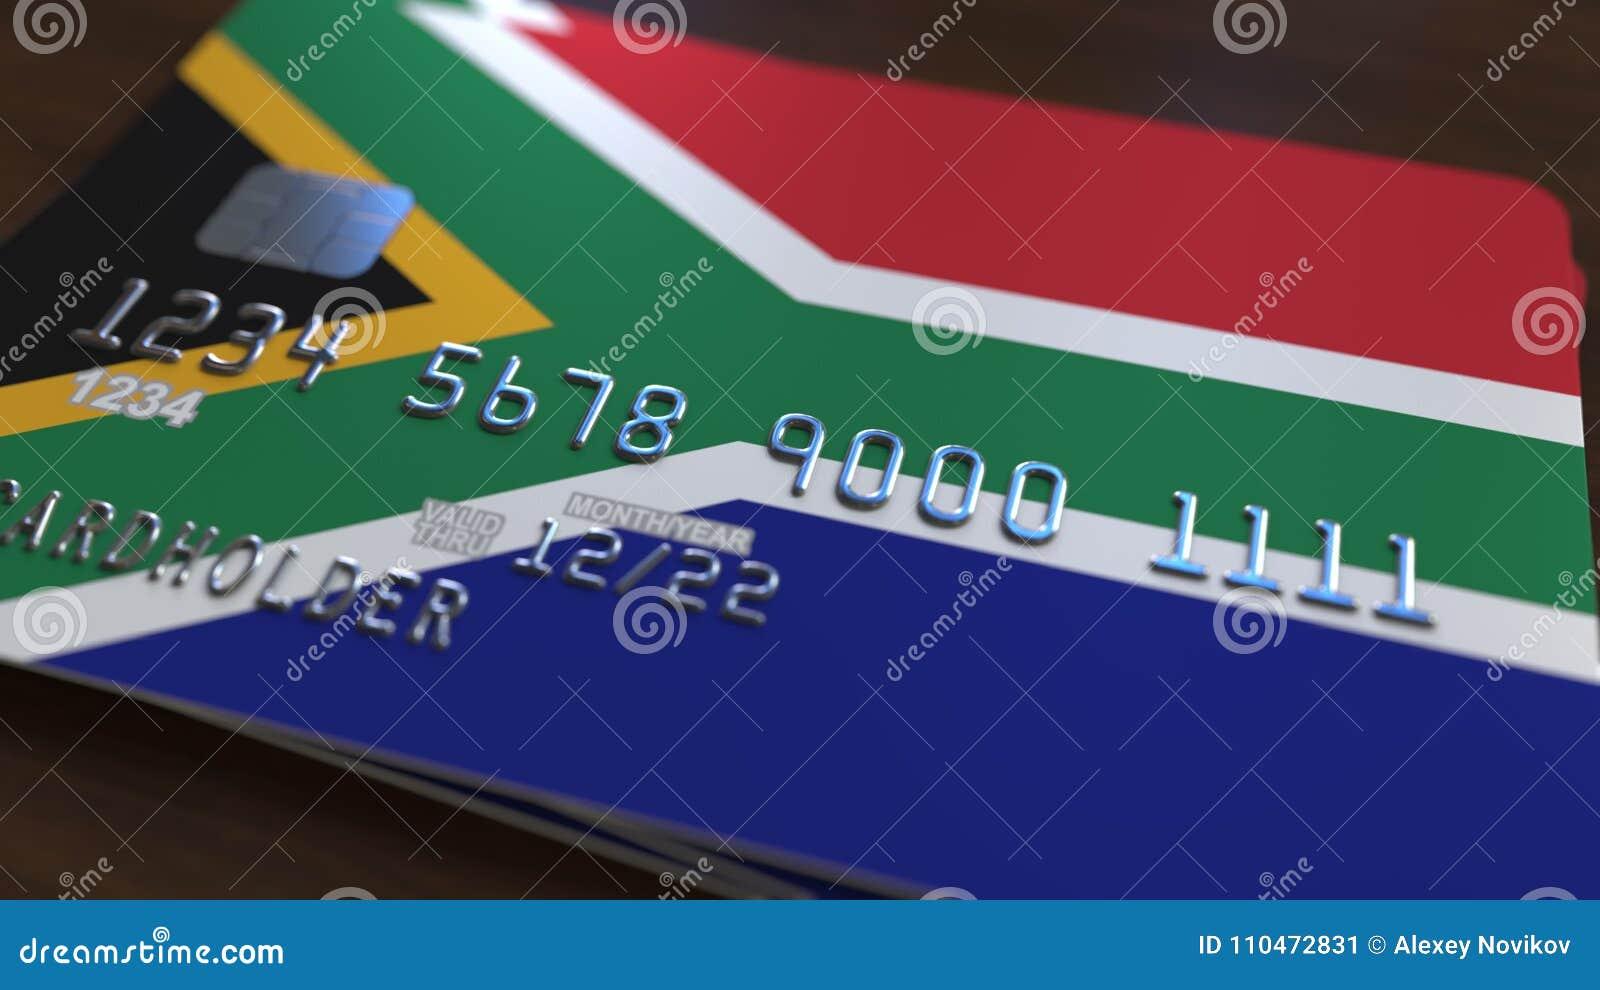 Carte Bancaire Afrique Du Sud.Carte De Banque En Plastique Comportant Le Drapeau De L Afrique Du Sud Animation Reliee Au Systeme D Operations Bancaires Nationa